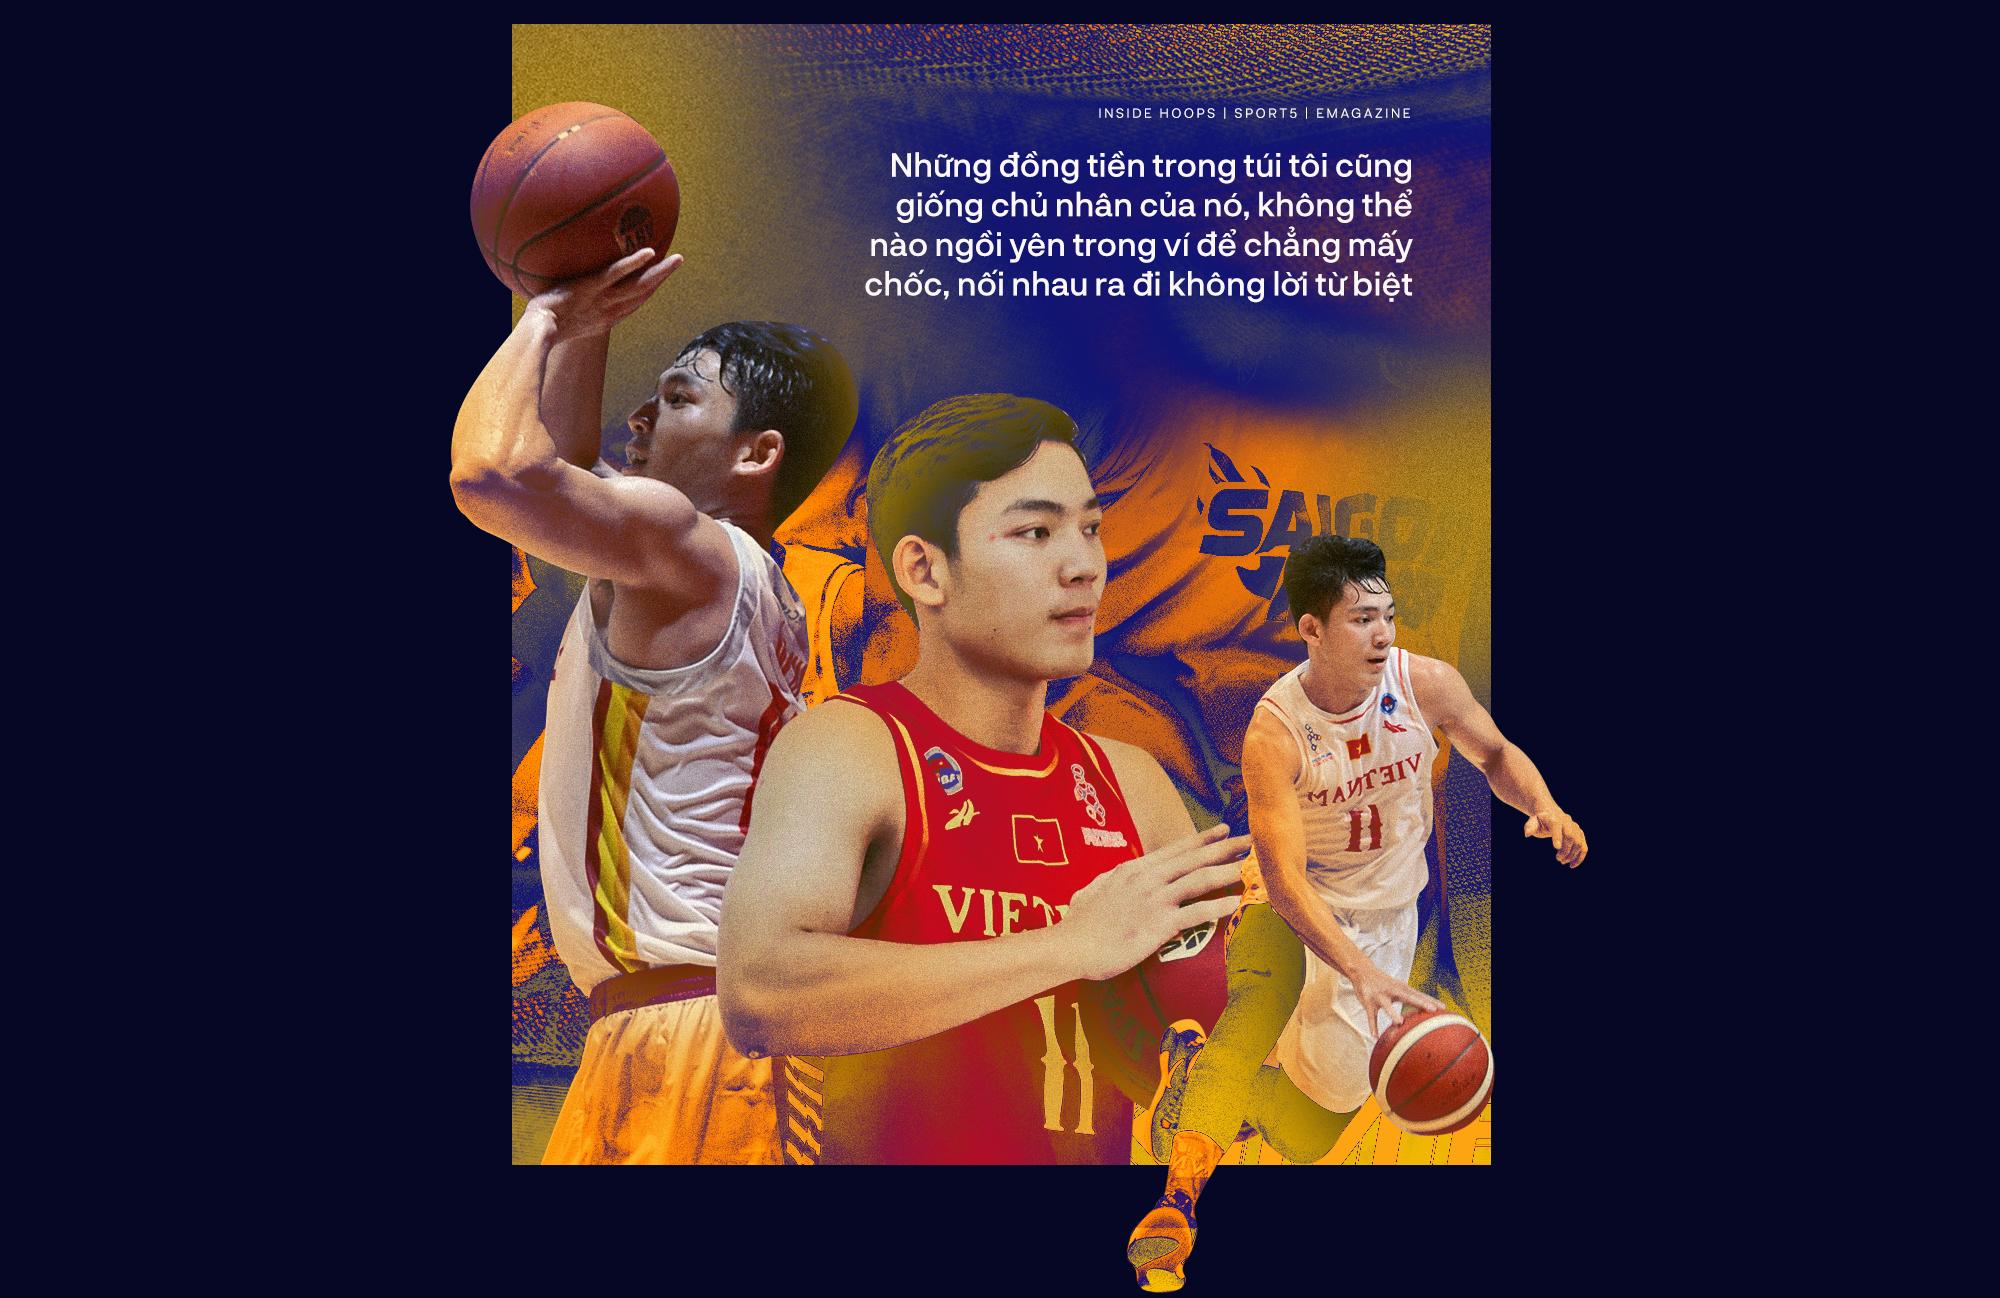 Võ Kim Bản và hành trình từ thằng nhóc quậy phá, ham chơi đến ngôi sao bóng rổ - Ảnh 4.